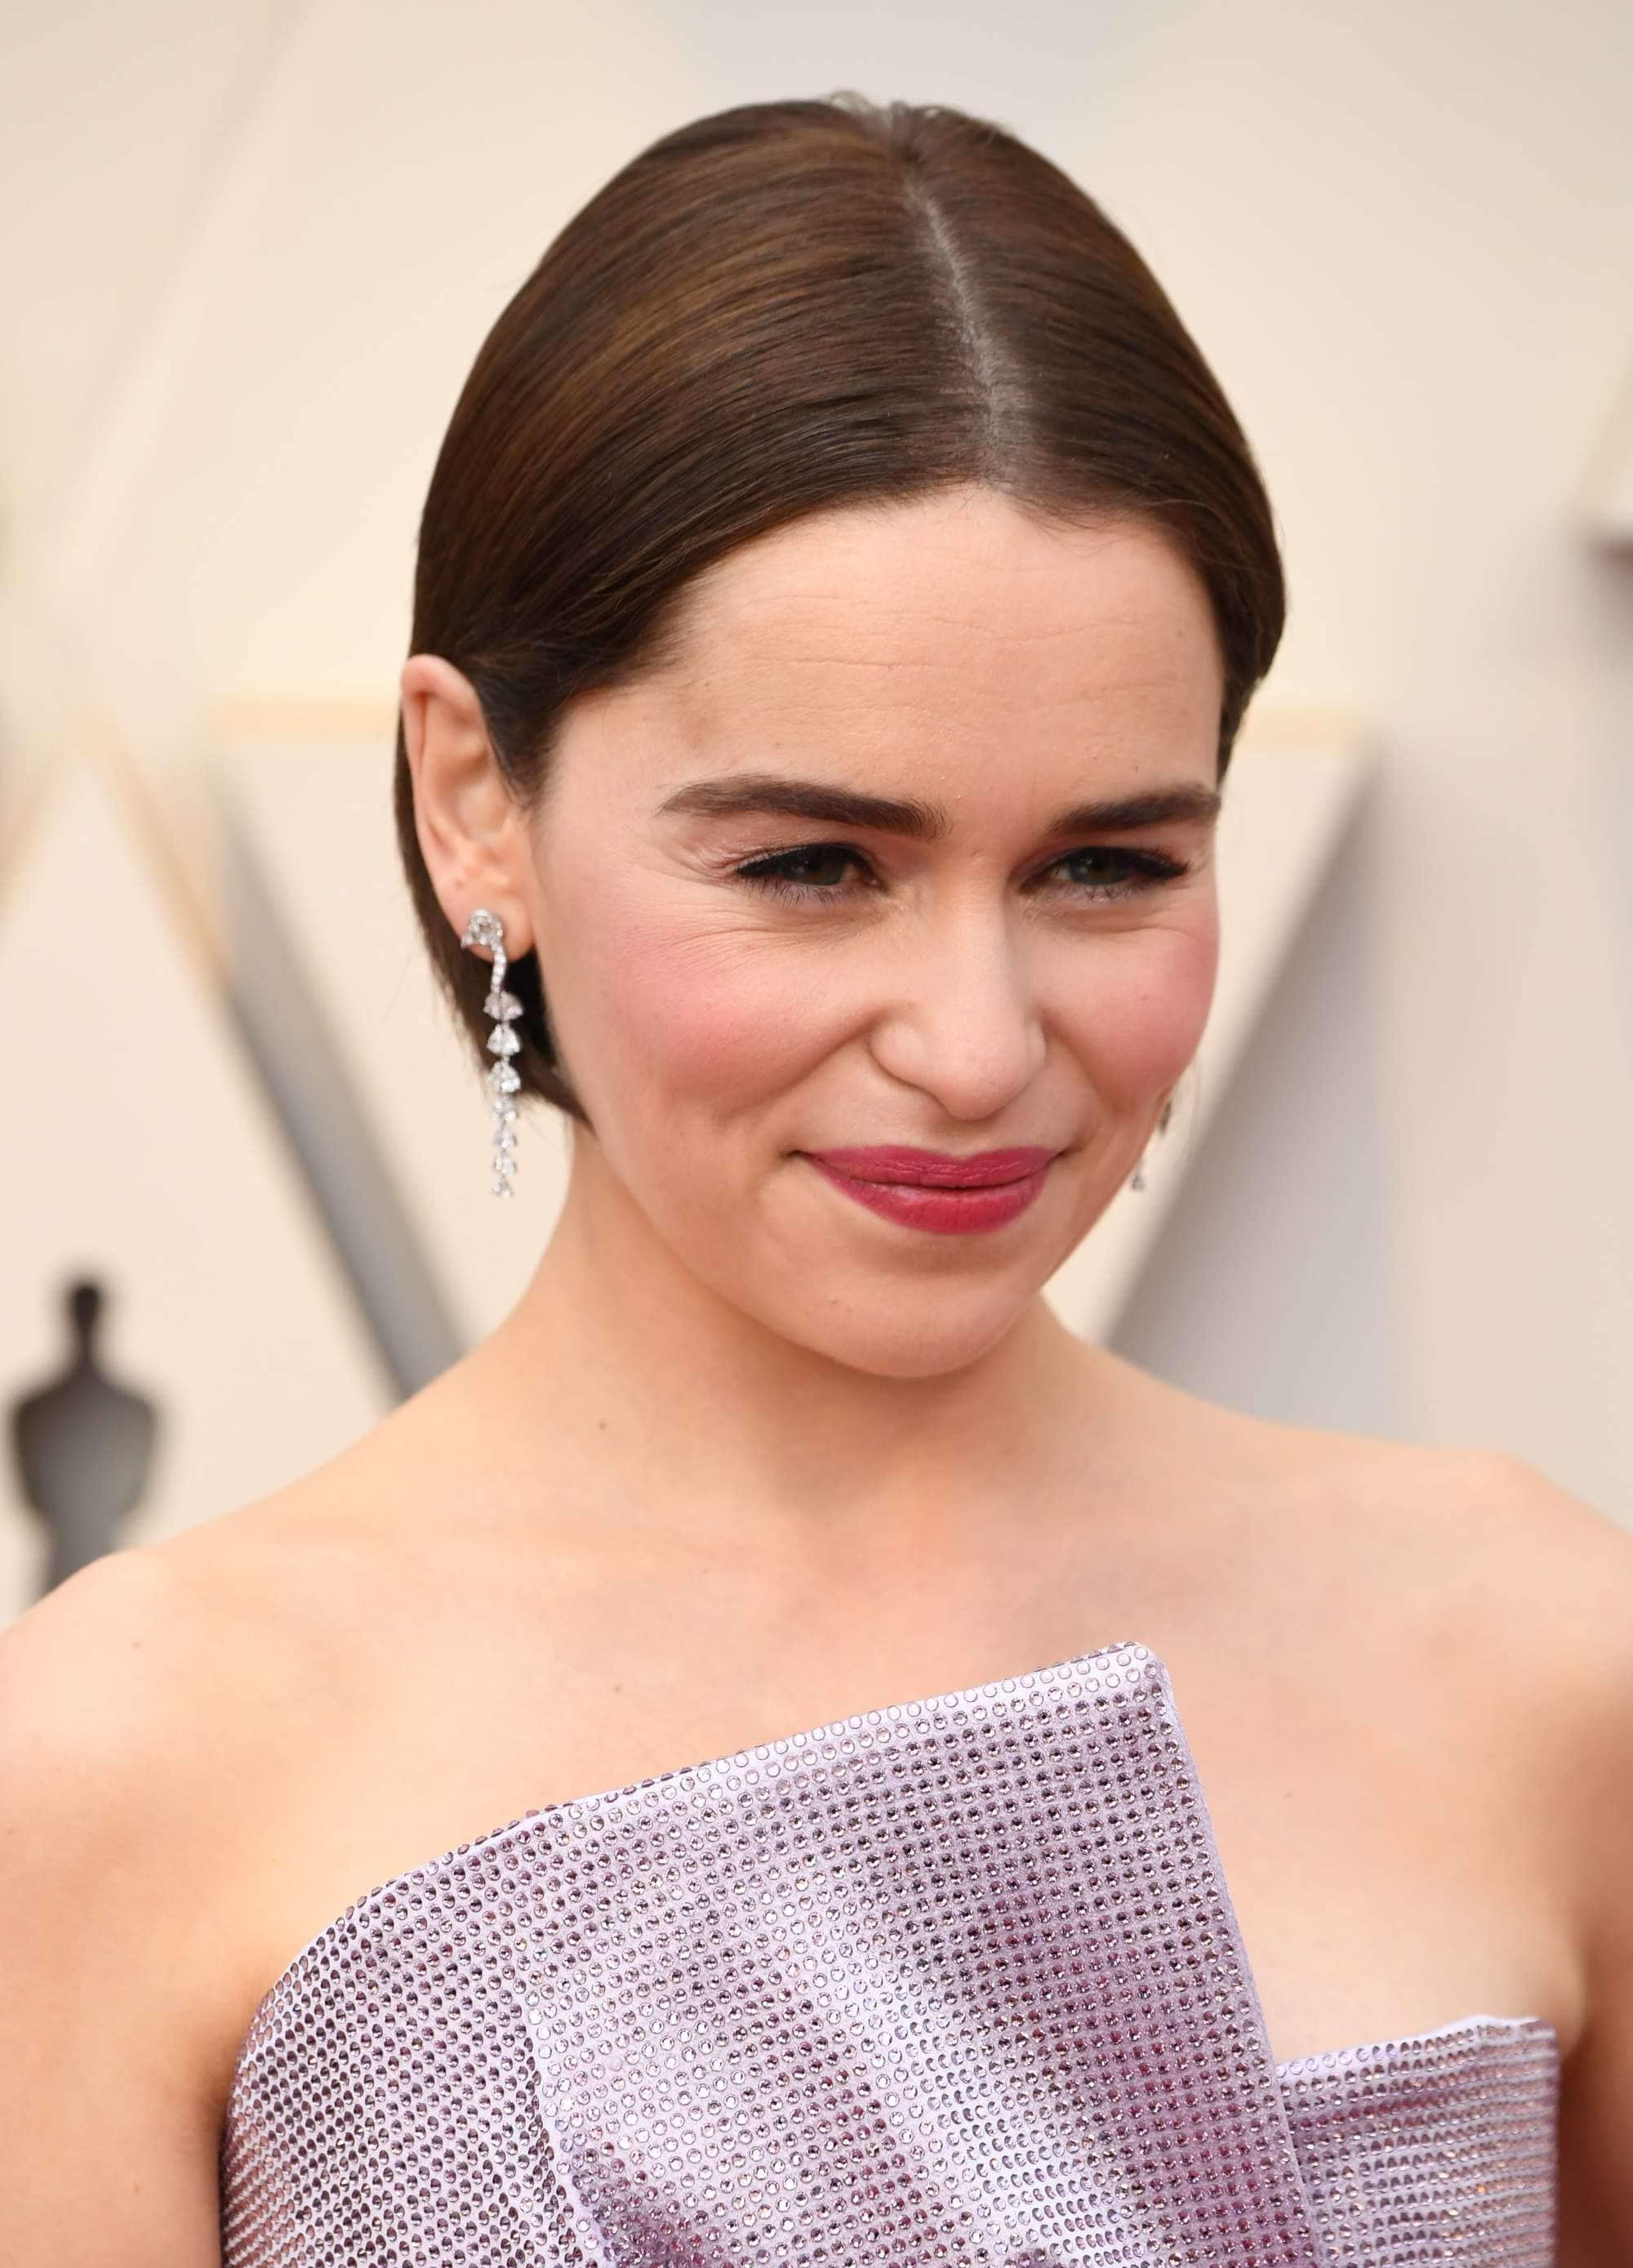 Selebriti Hollywood dengan model rambut bob Emilia Clarke 2019